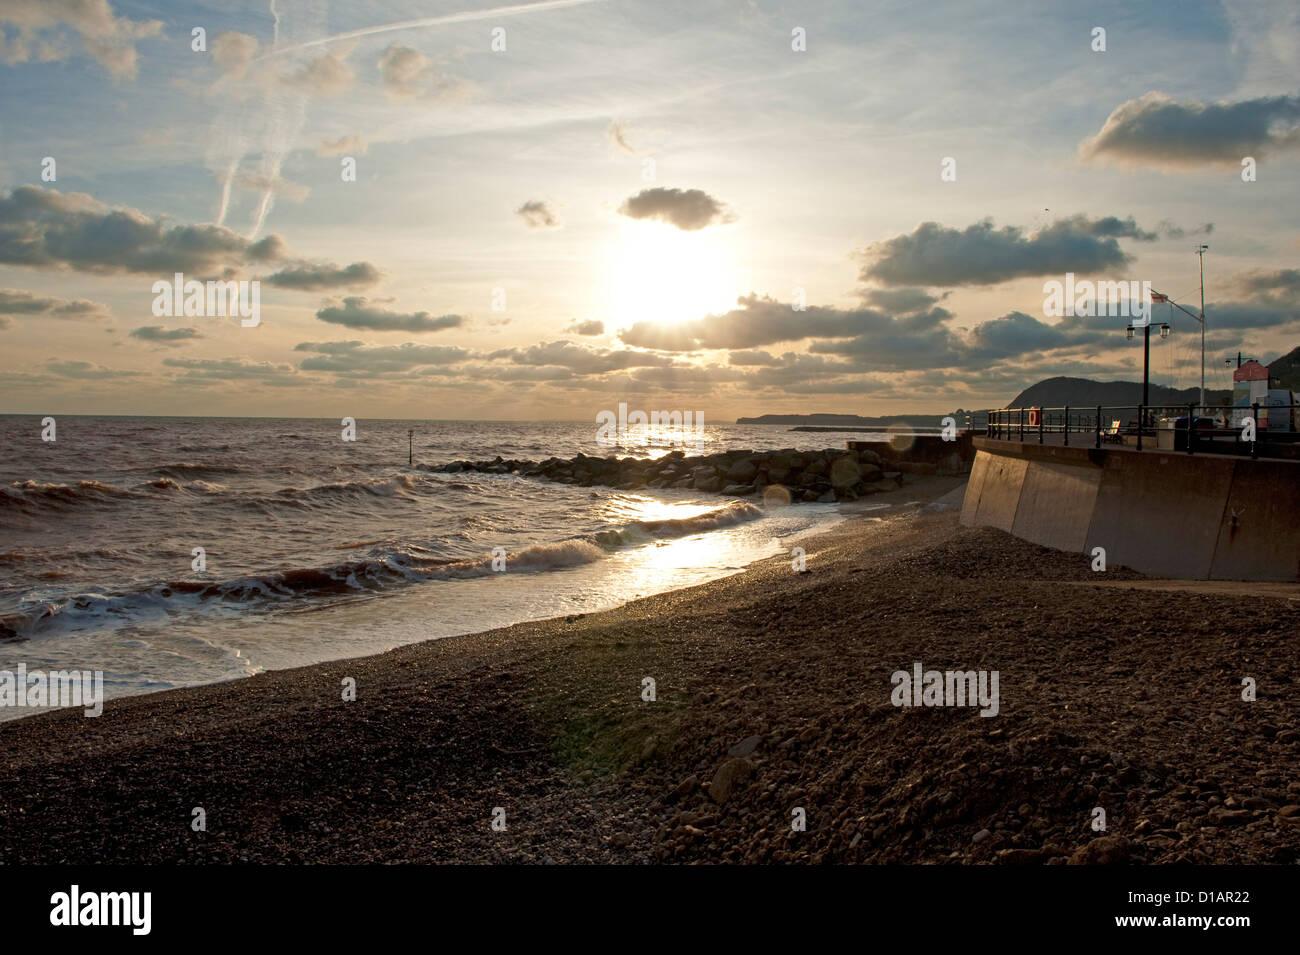 Pomeriggio di sole invernale impostazione sul mare, i frangiflutti e spiaggia di ciottoli a Sidmouth in East Devon Immagini Stock